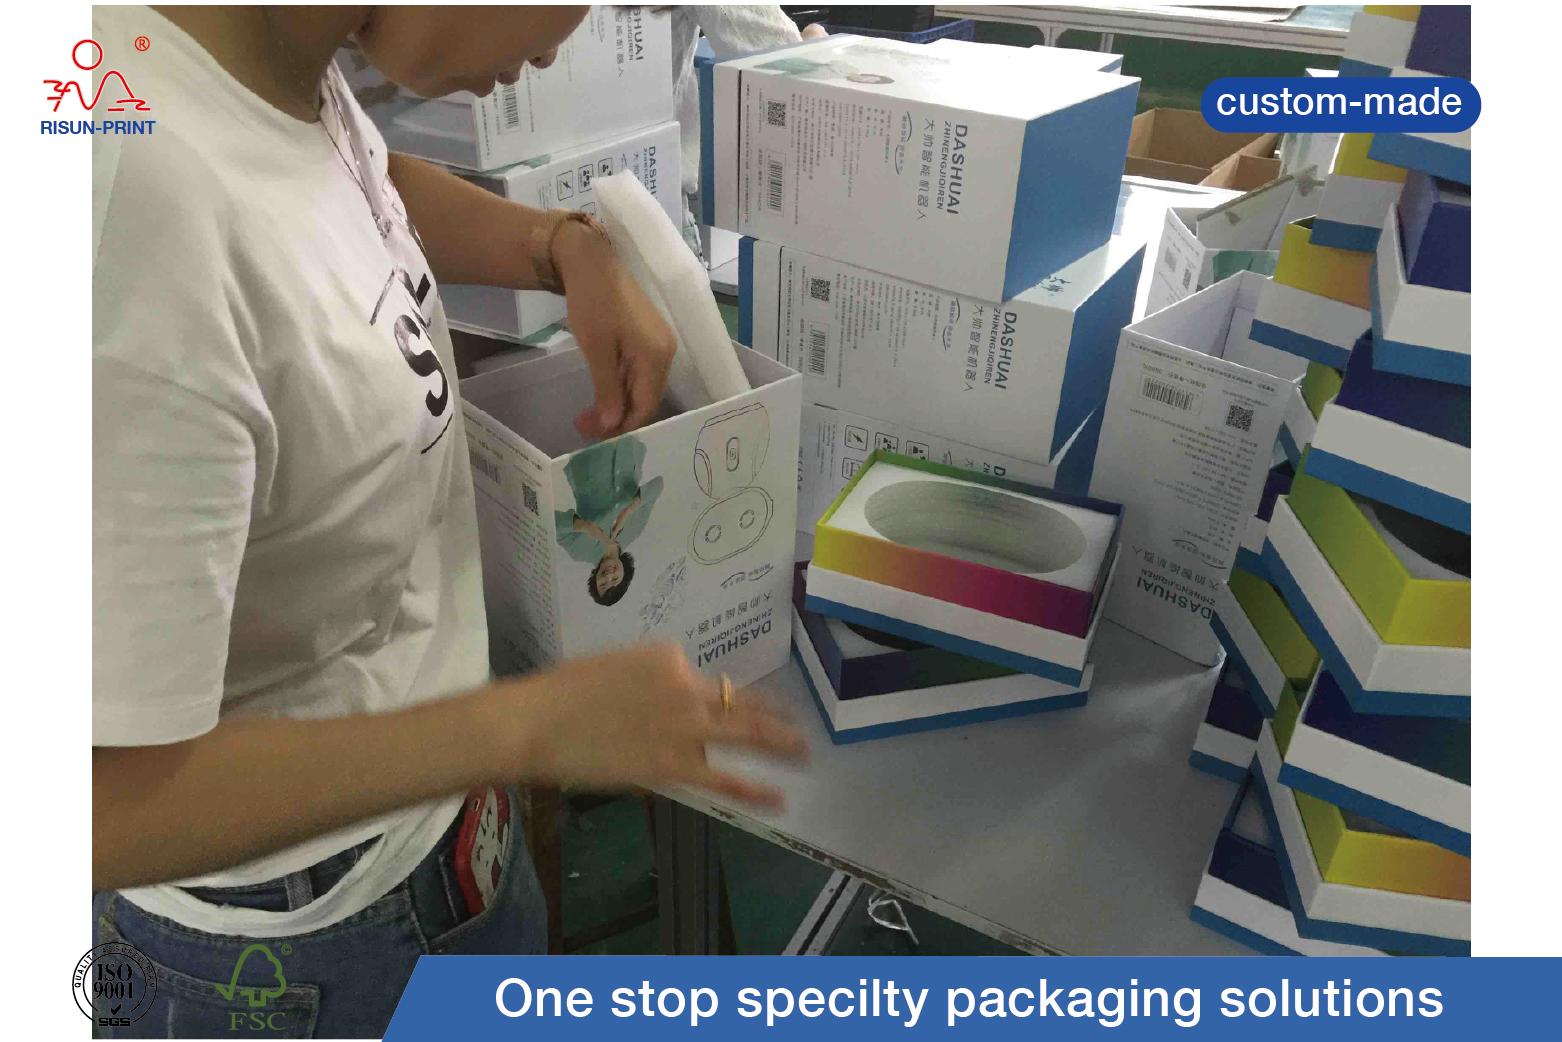 彩盒专业印刷生产厂家-济南尚邦佳品包装制品有限公司